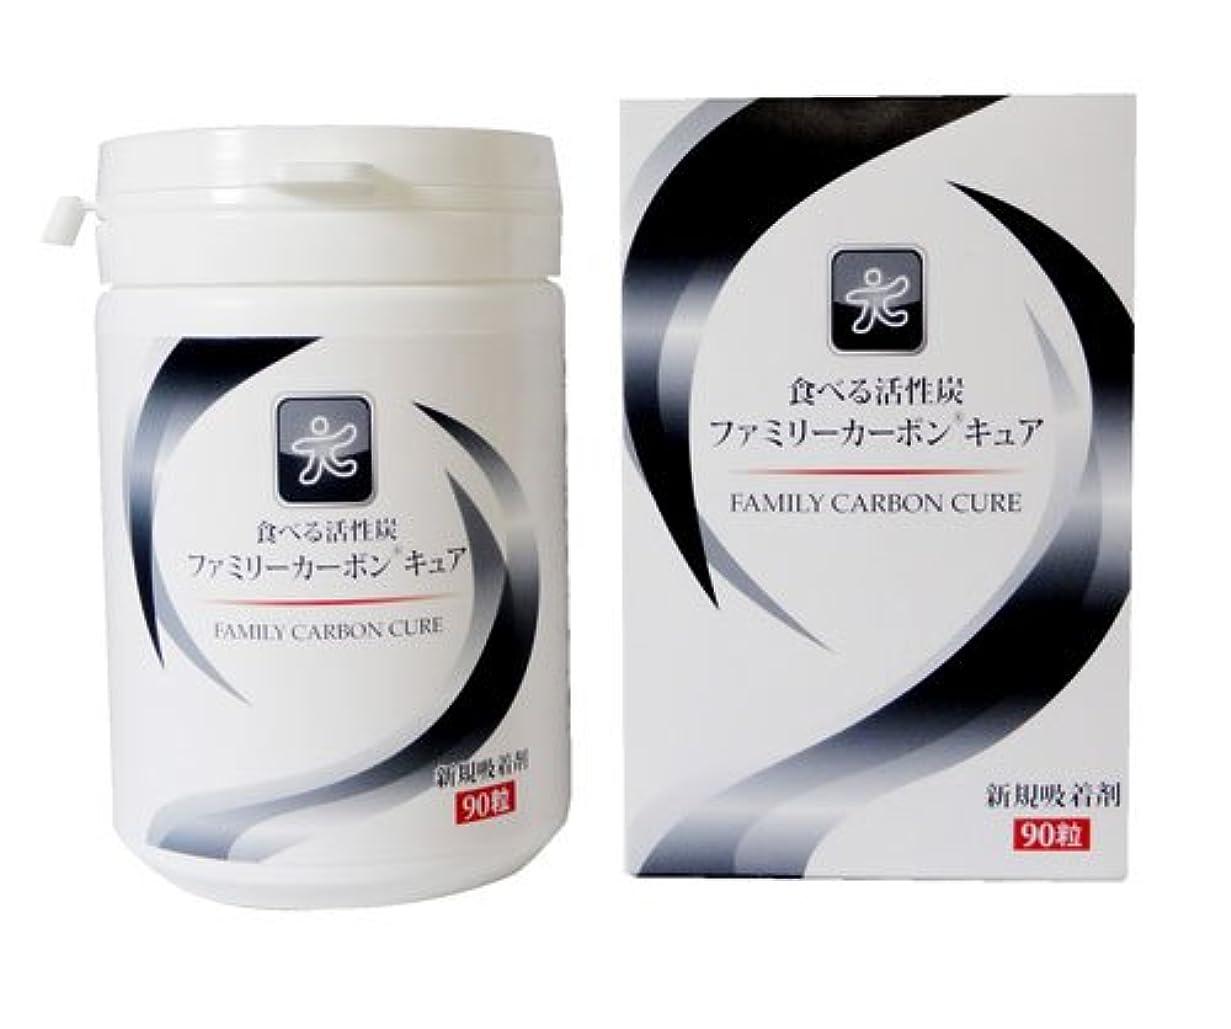 シプリー紳士課すエムケイコーポレーション 食べる活性炭ファミリーカーボンキュア 活性炭加工食品 90粒入 2個セット